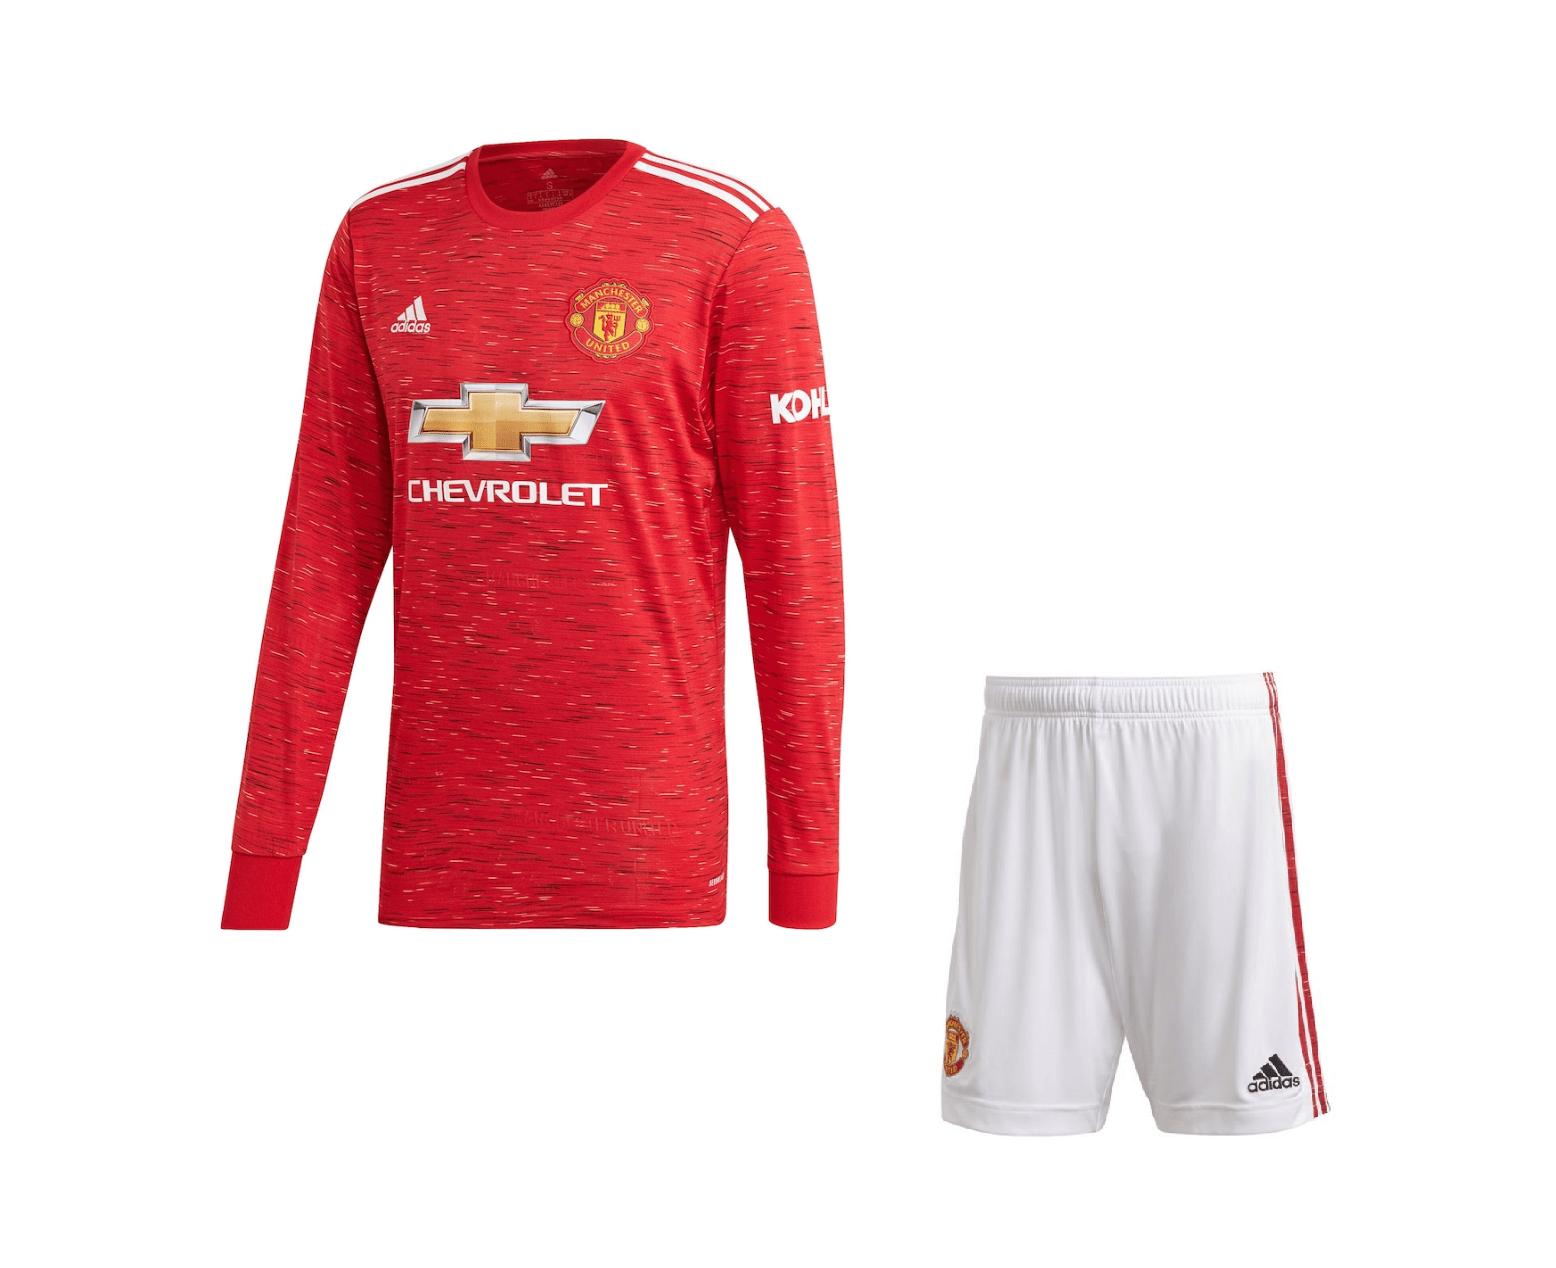 Домашняя форма Манчестер Юнайтед с длинным рукавом сезон 2020-2021